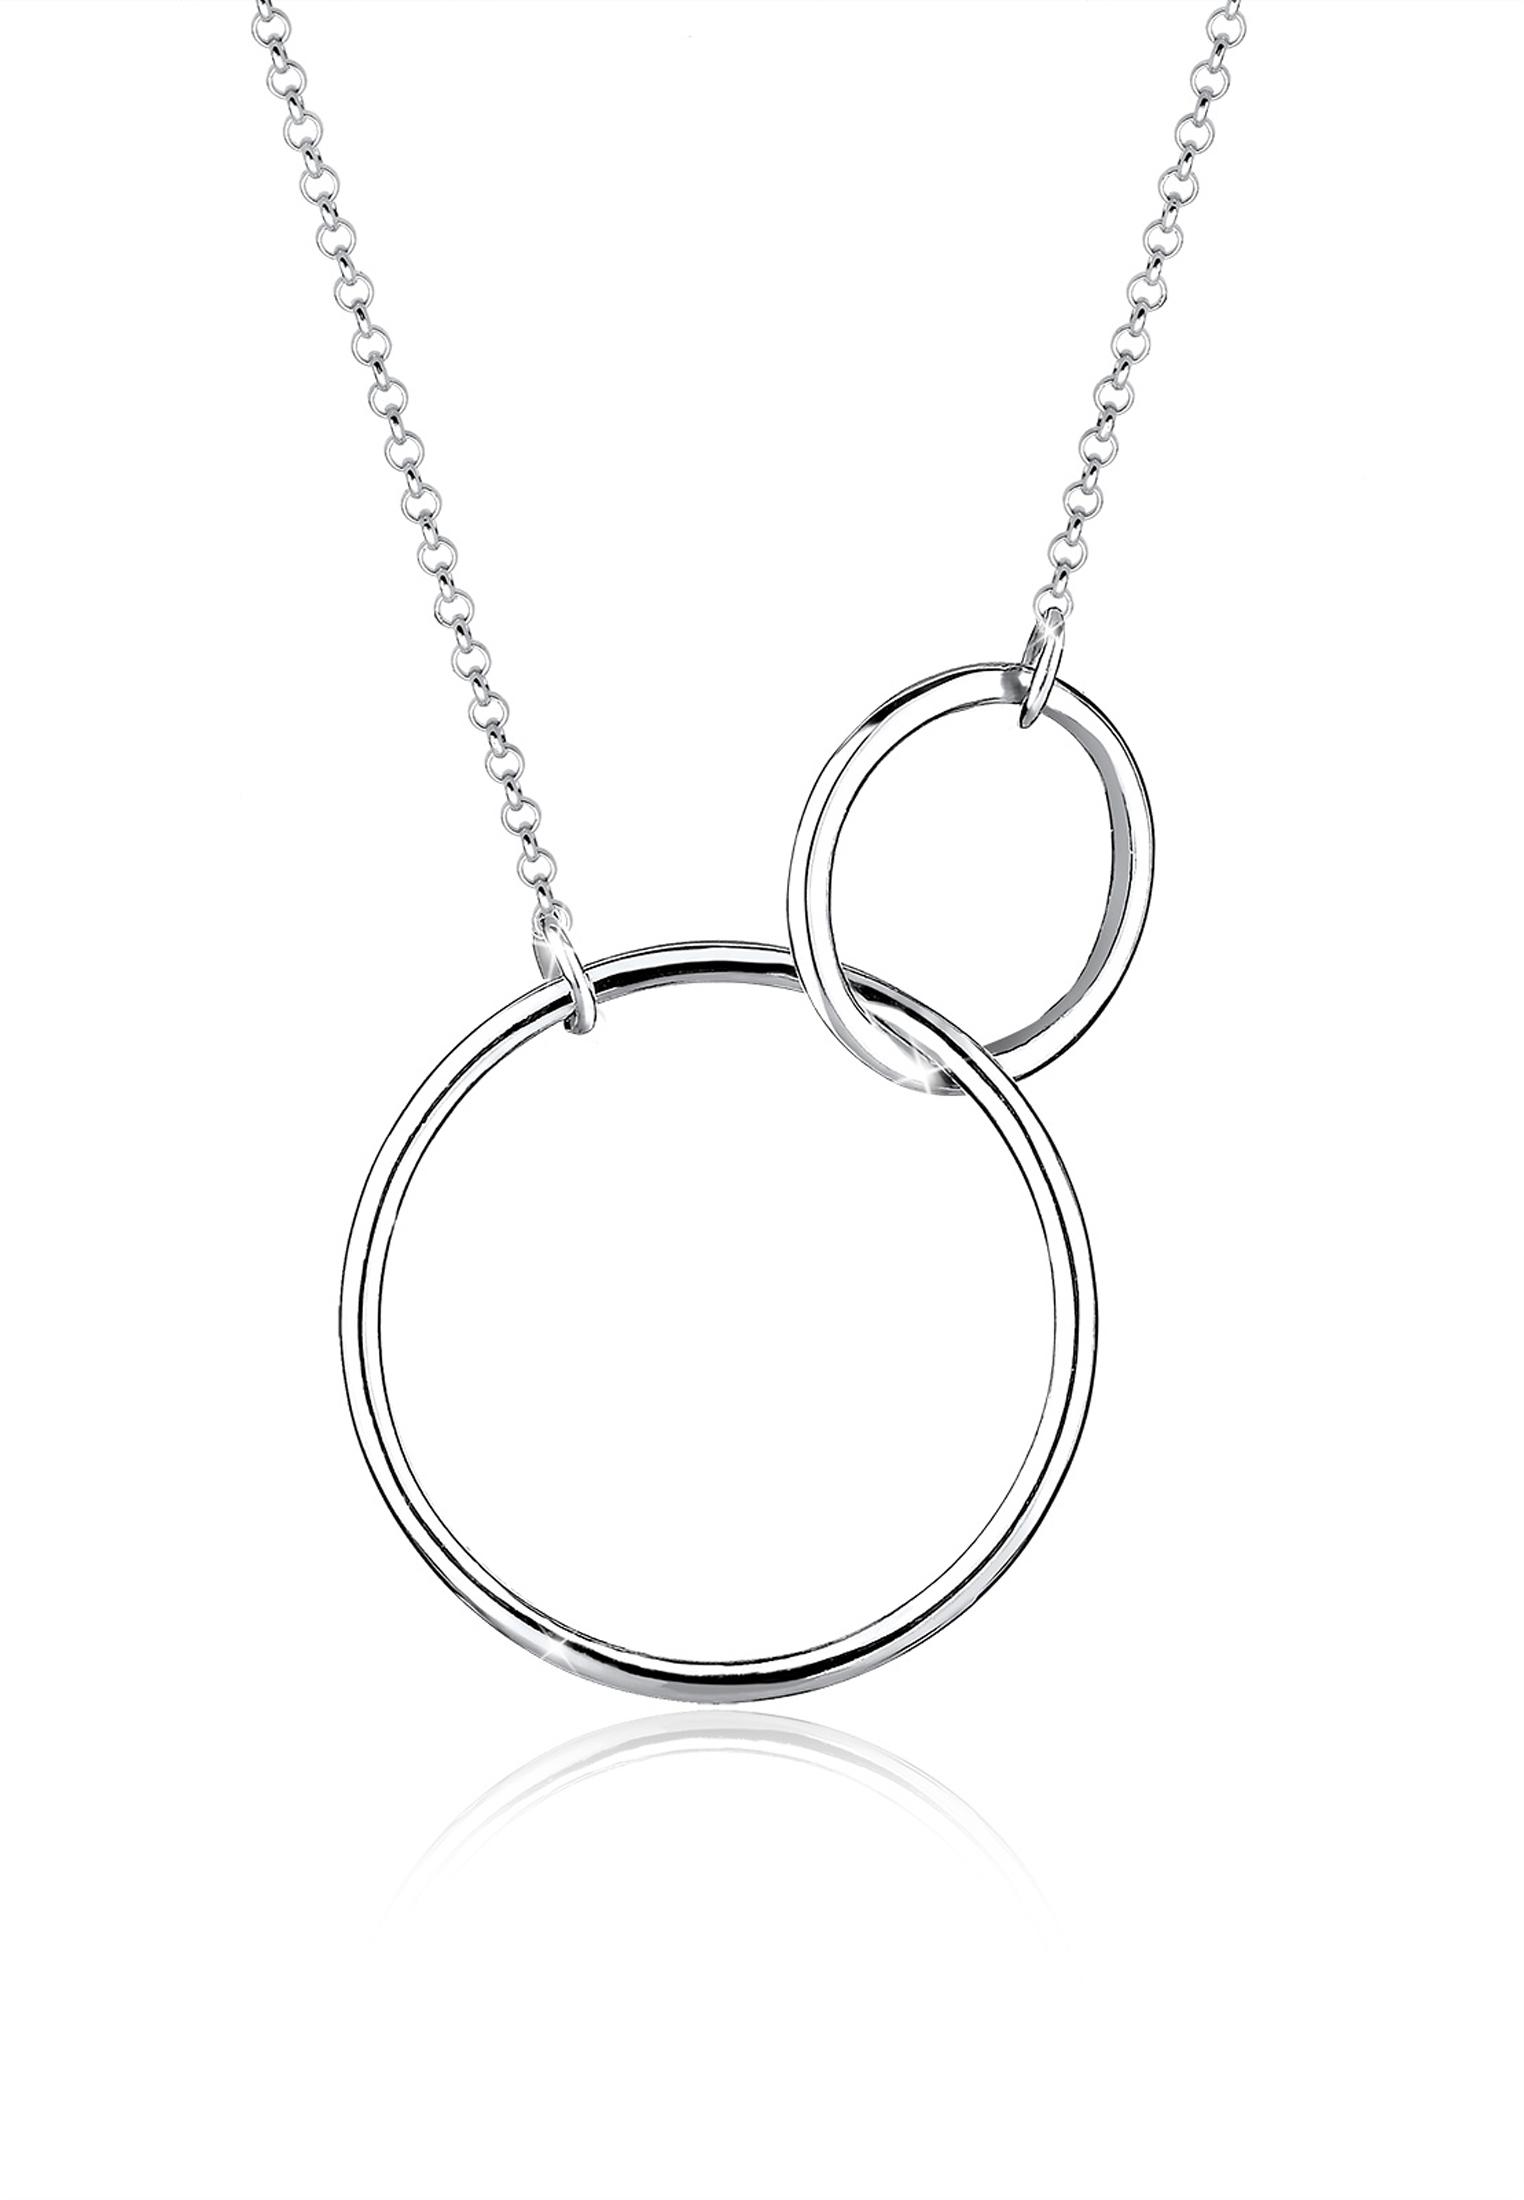 Halskette Kreise | 925er Sterling Silber